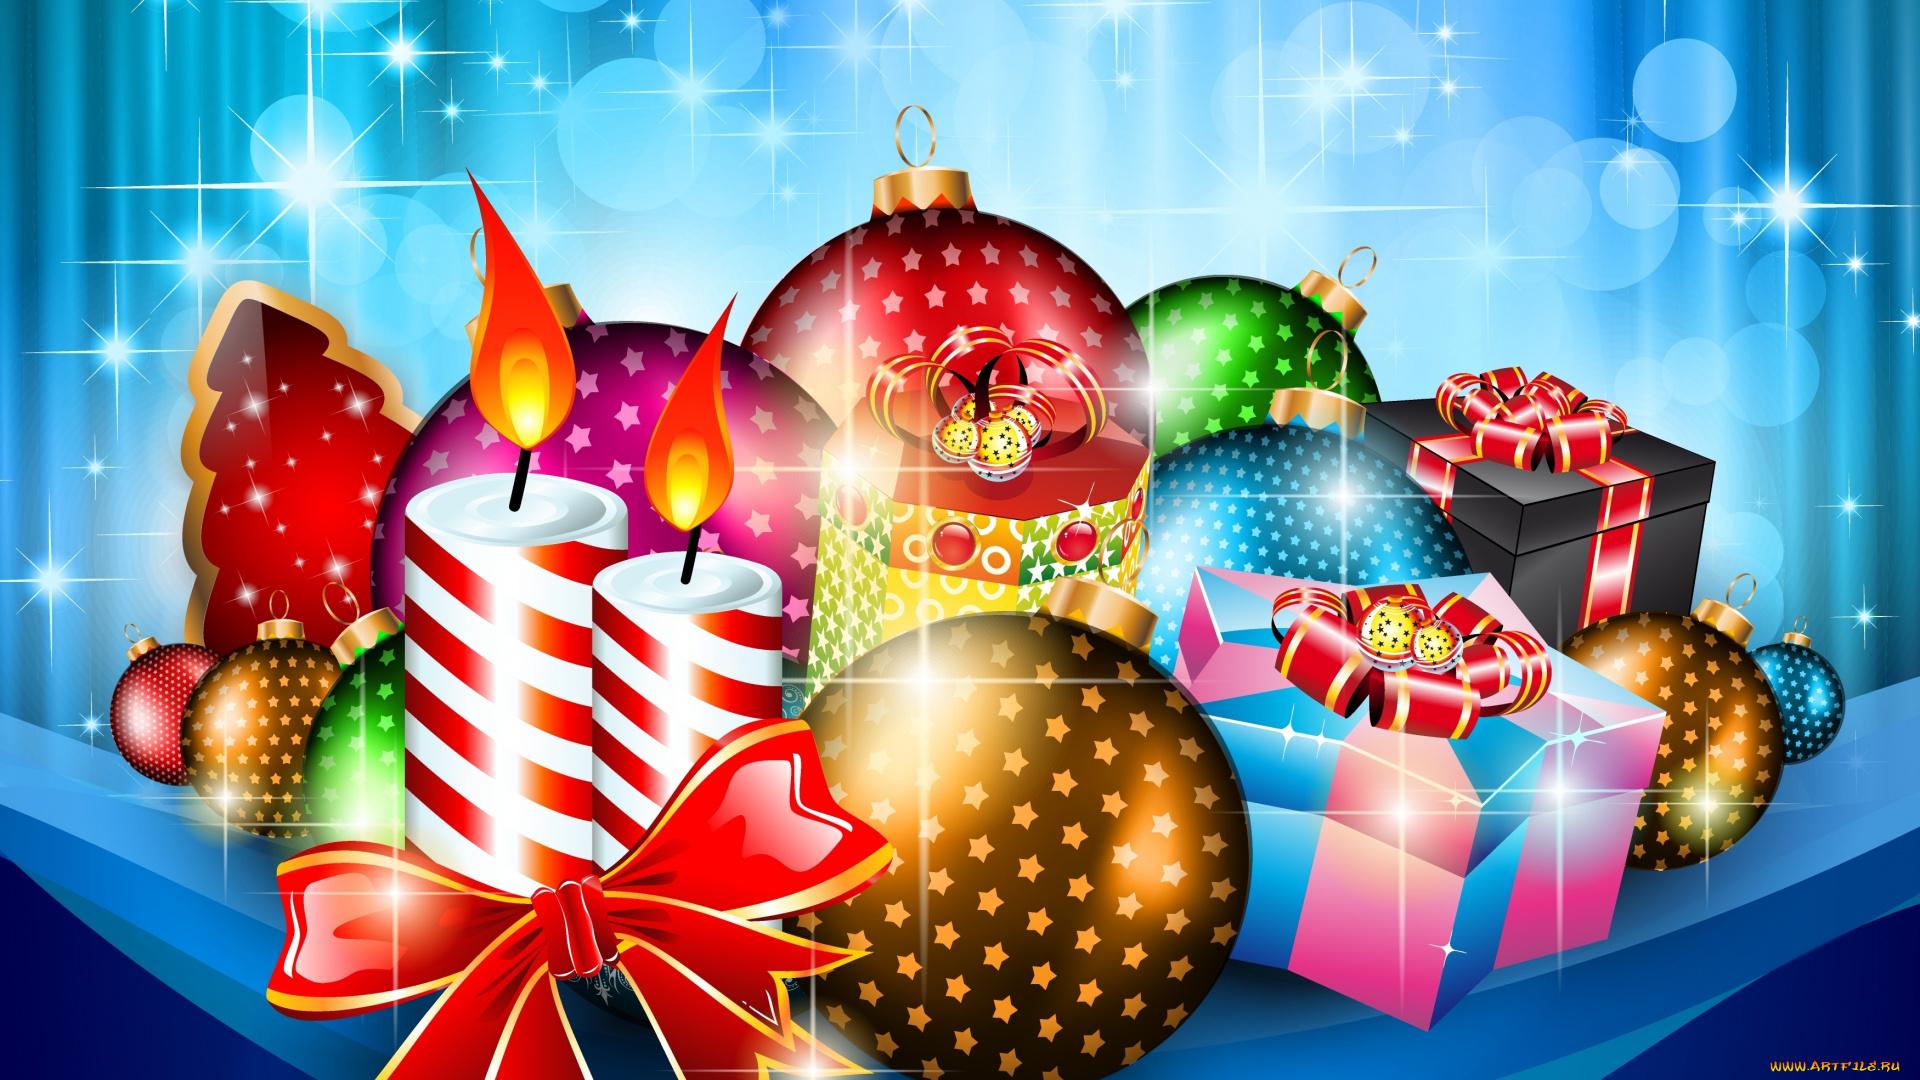 Днем, новогодние яркие картинки елка и подарки